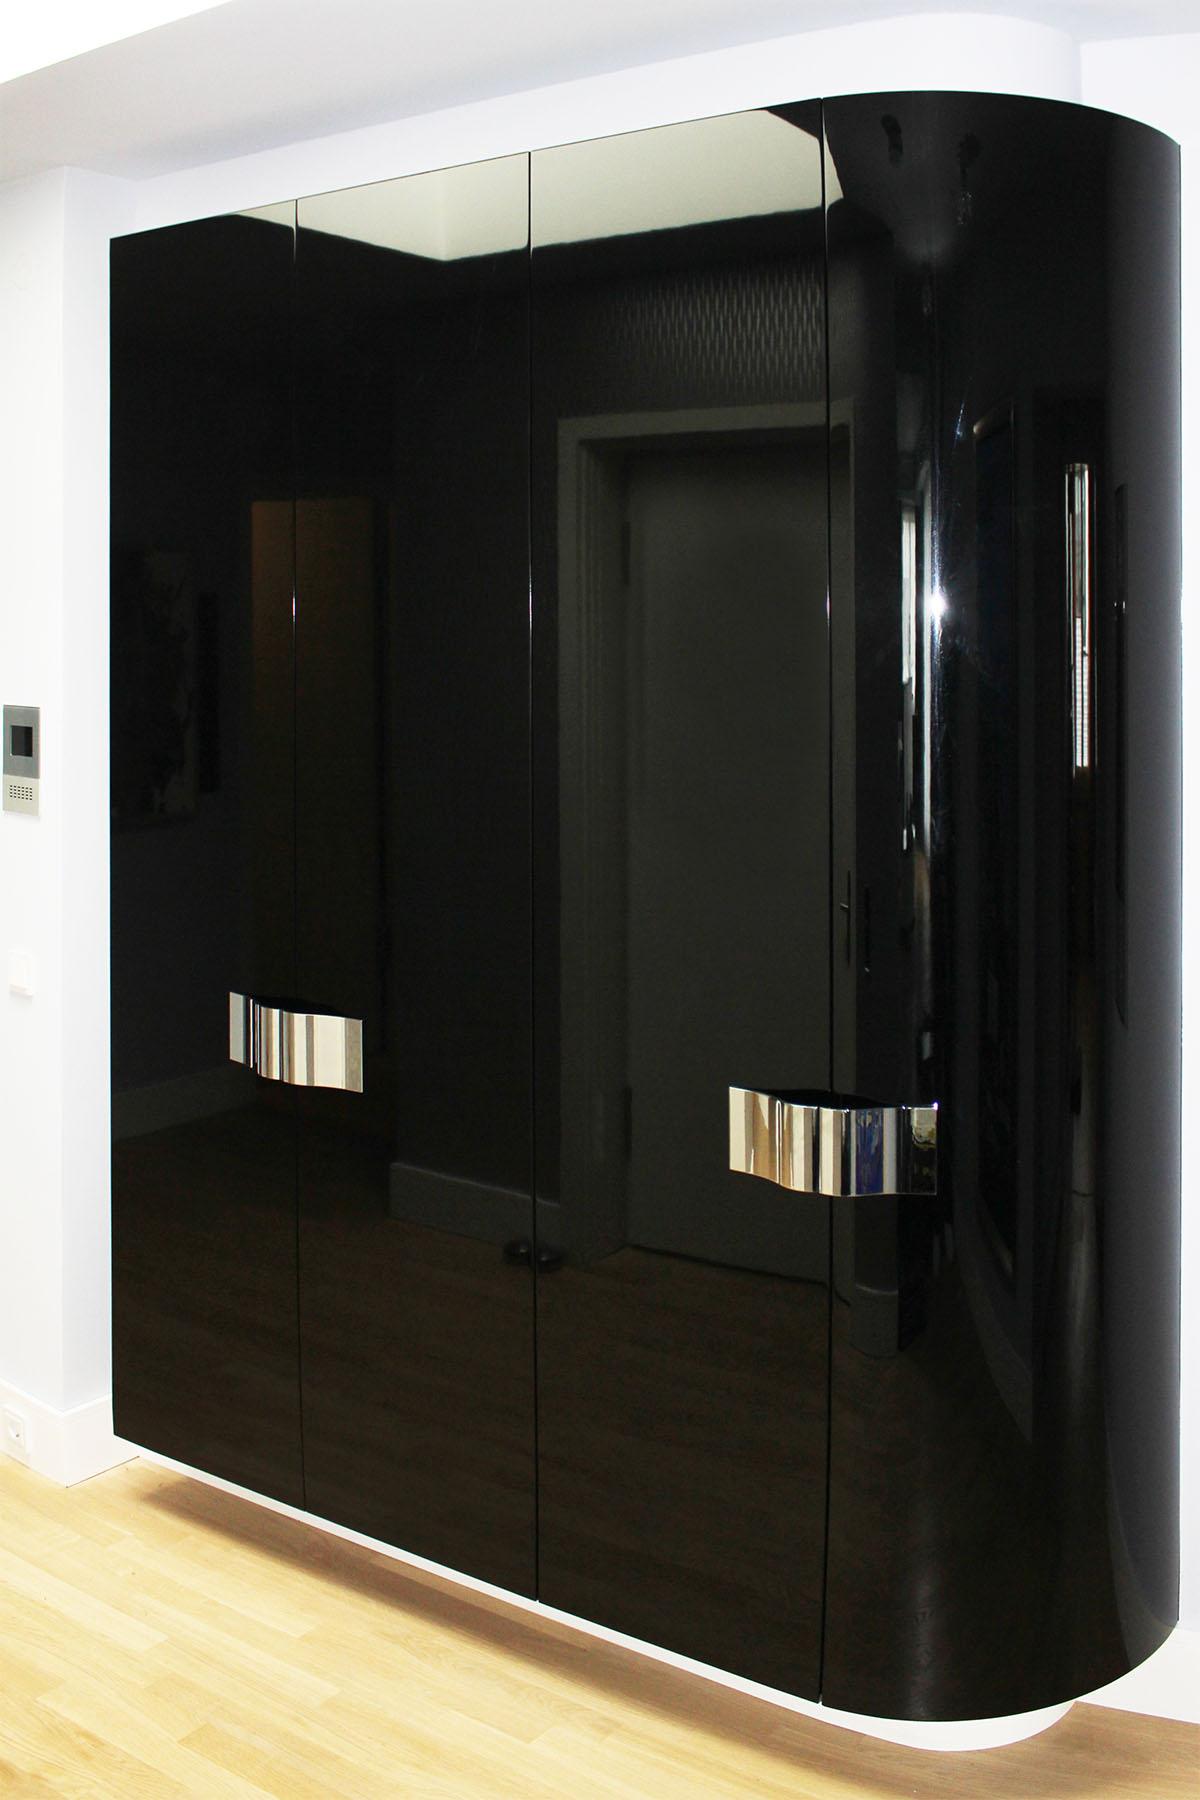 unikate tischlerei f r exklusiven m belbau und individuelle ma anfertigungen berlin. Black Bedroom Furniture Sets. Home Design Ideas